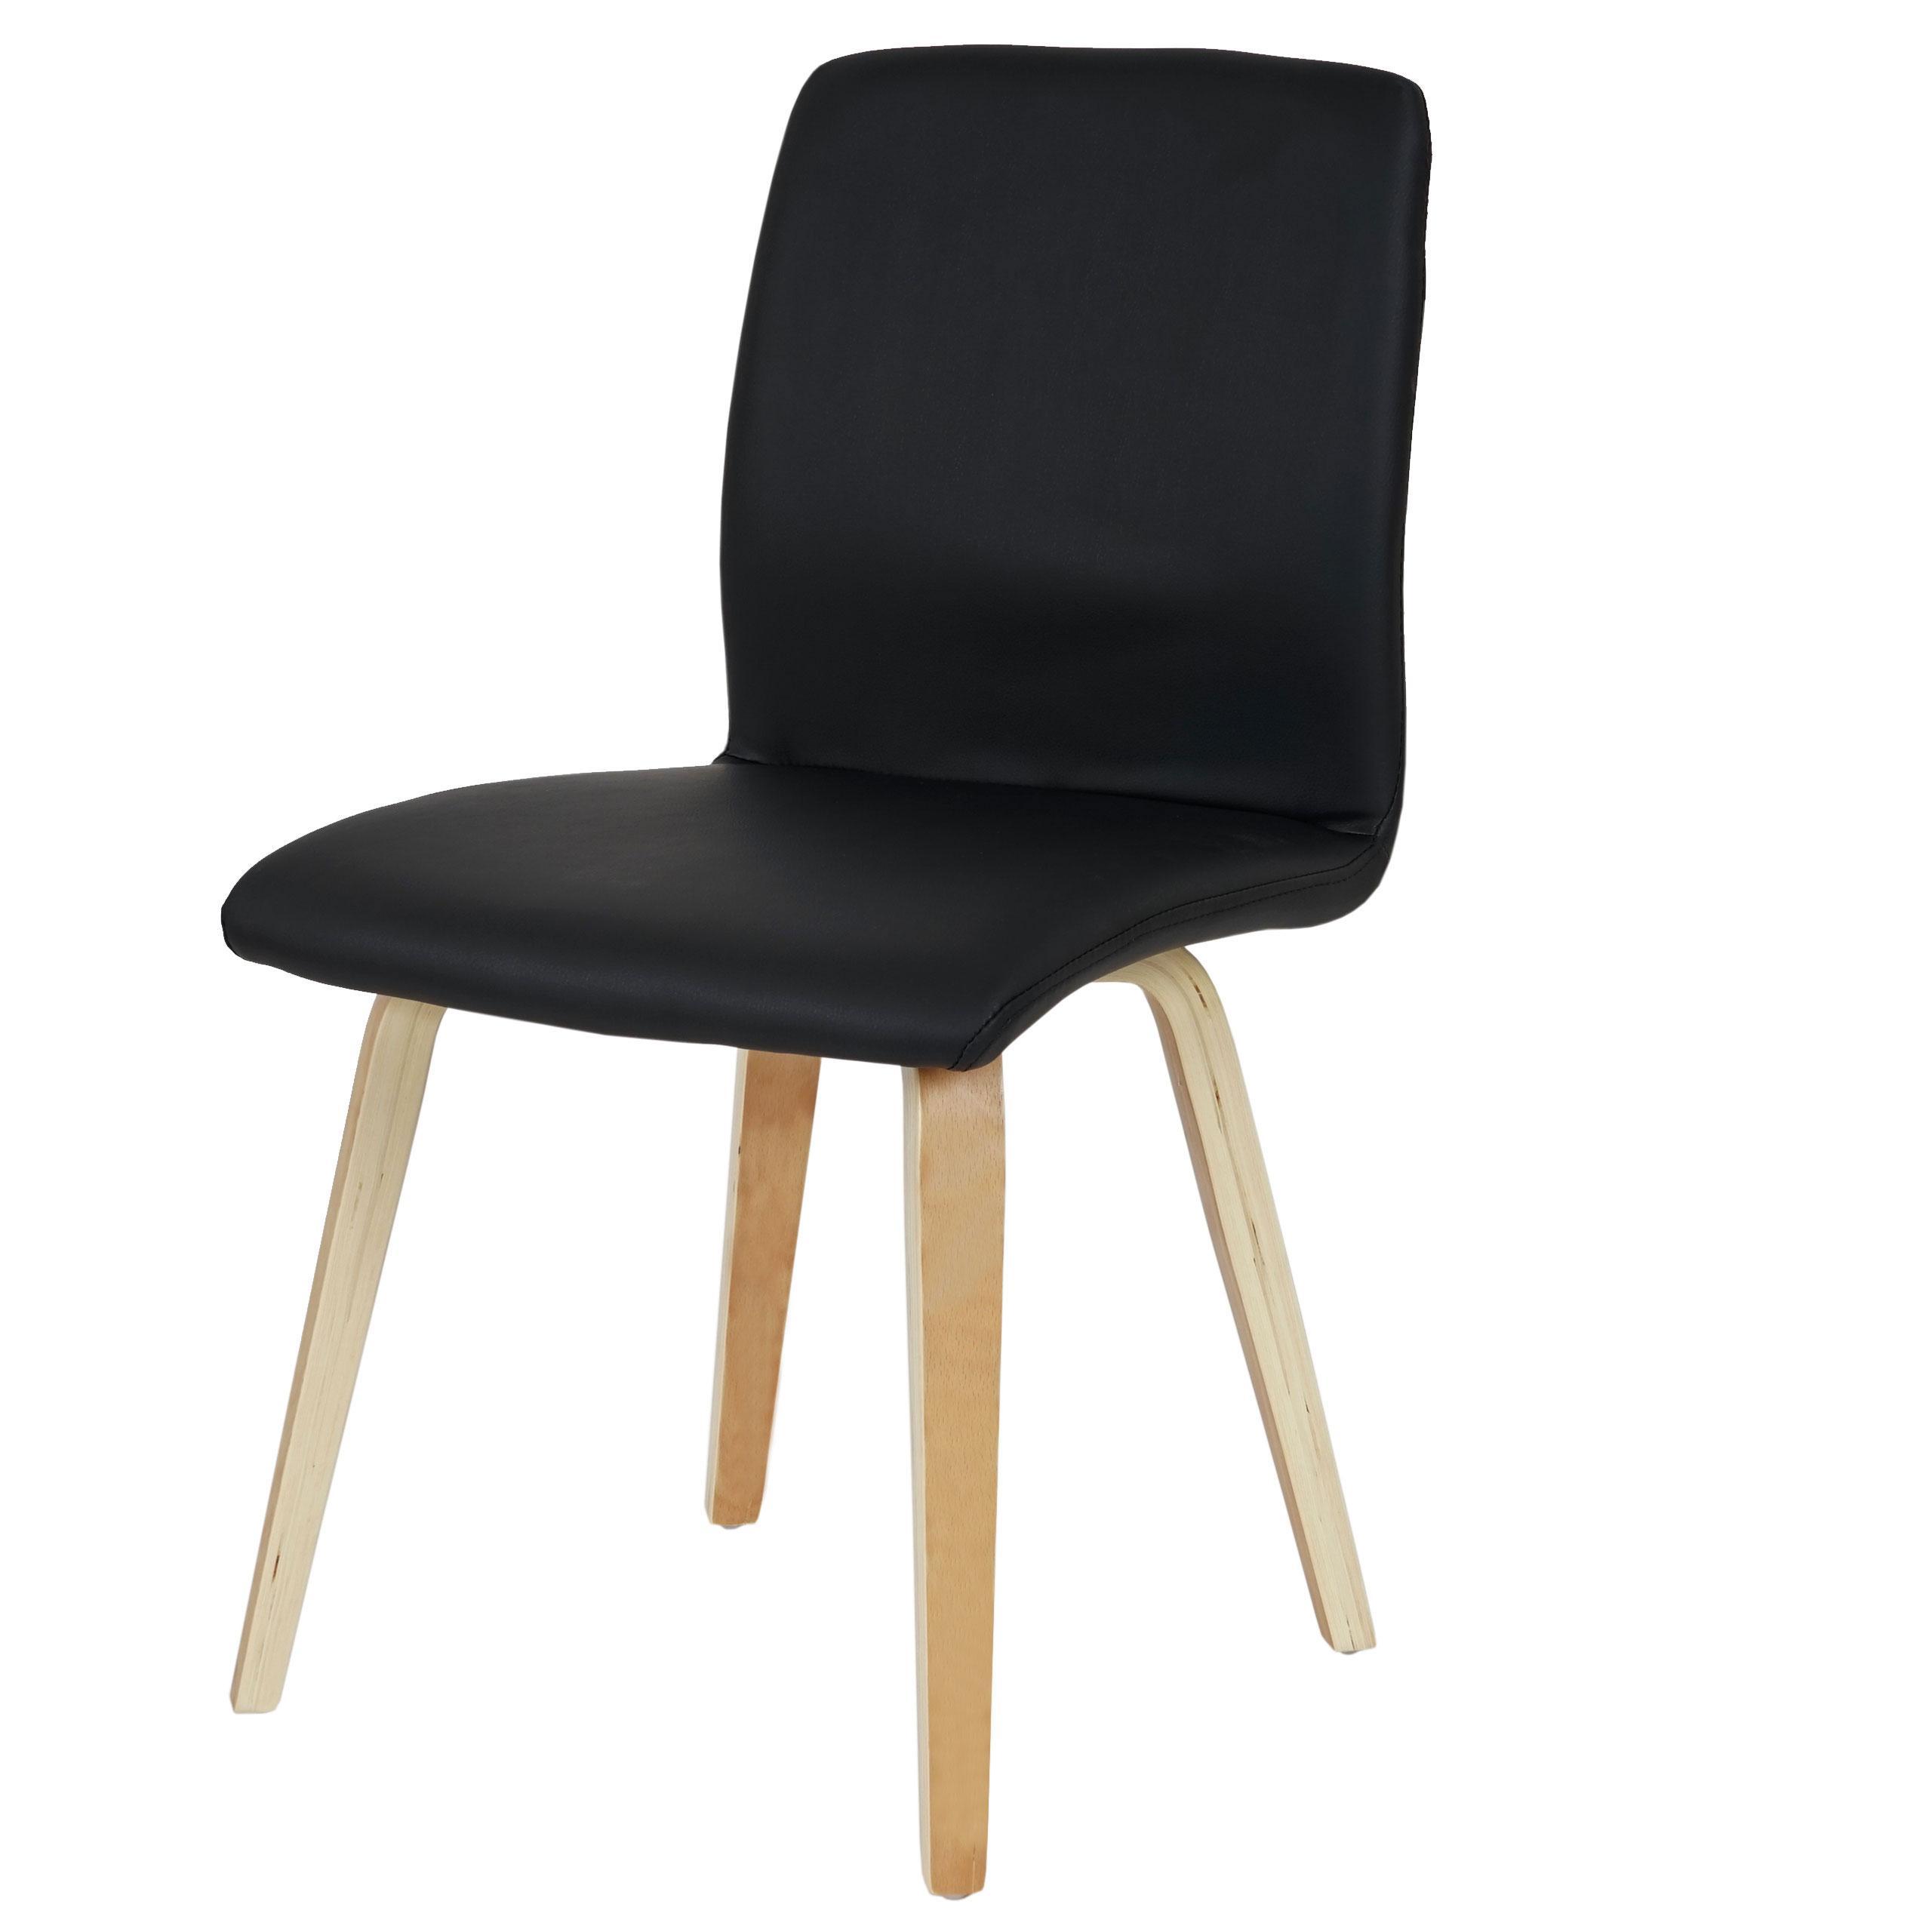 Lote 2 sillas confidente dusty cuidado dise o con patas - Sillas de diseno economicas ...